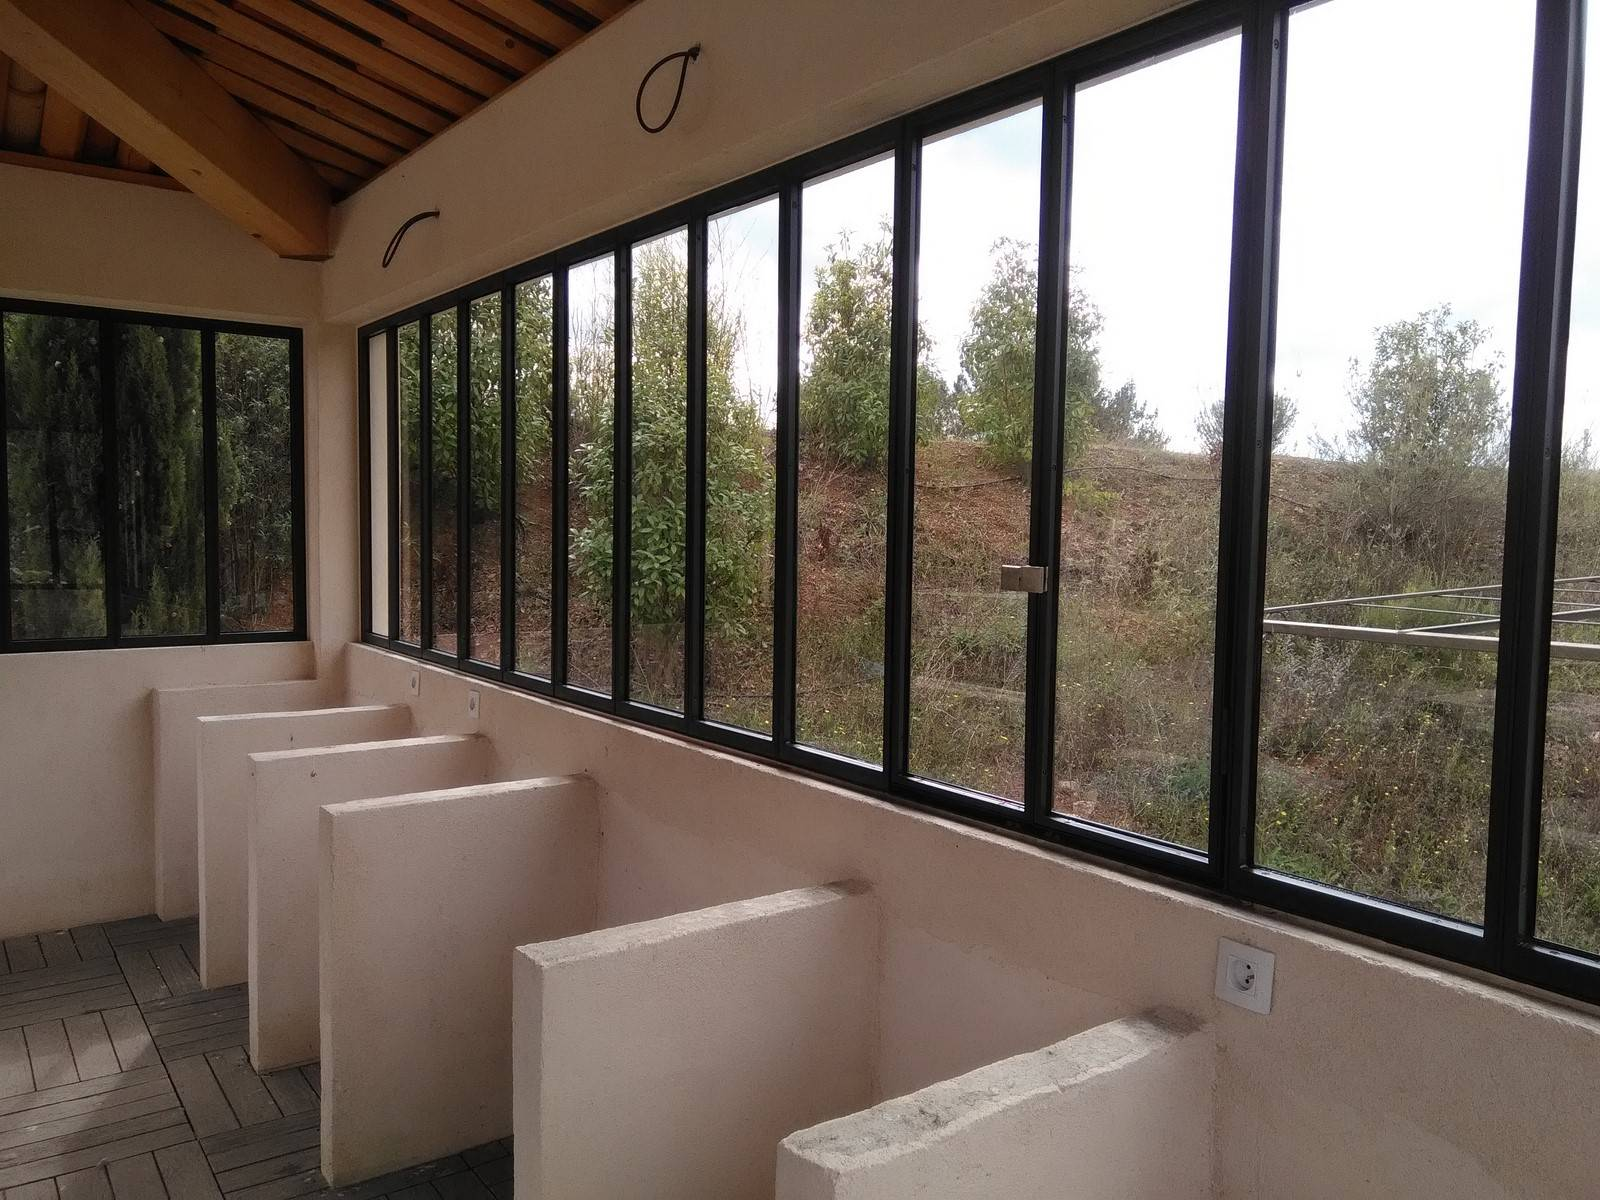 Verri re pour une cuisine d 39 t meyreuil 13 freestyle forge - Verriere pour piscine ...